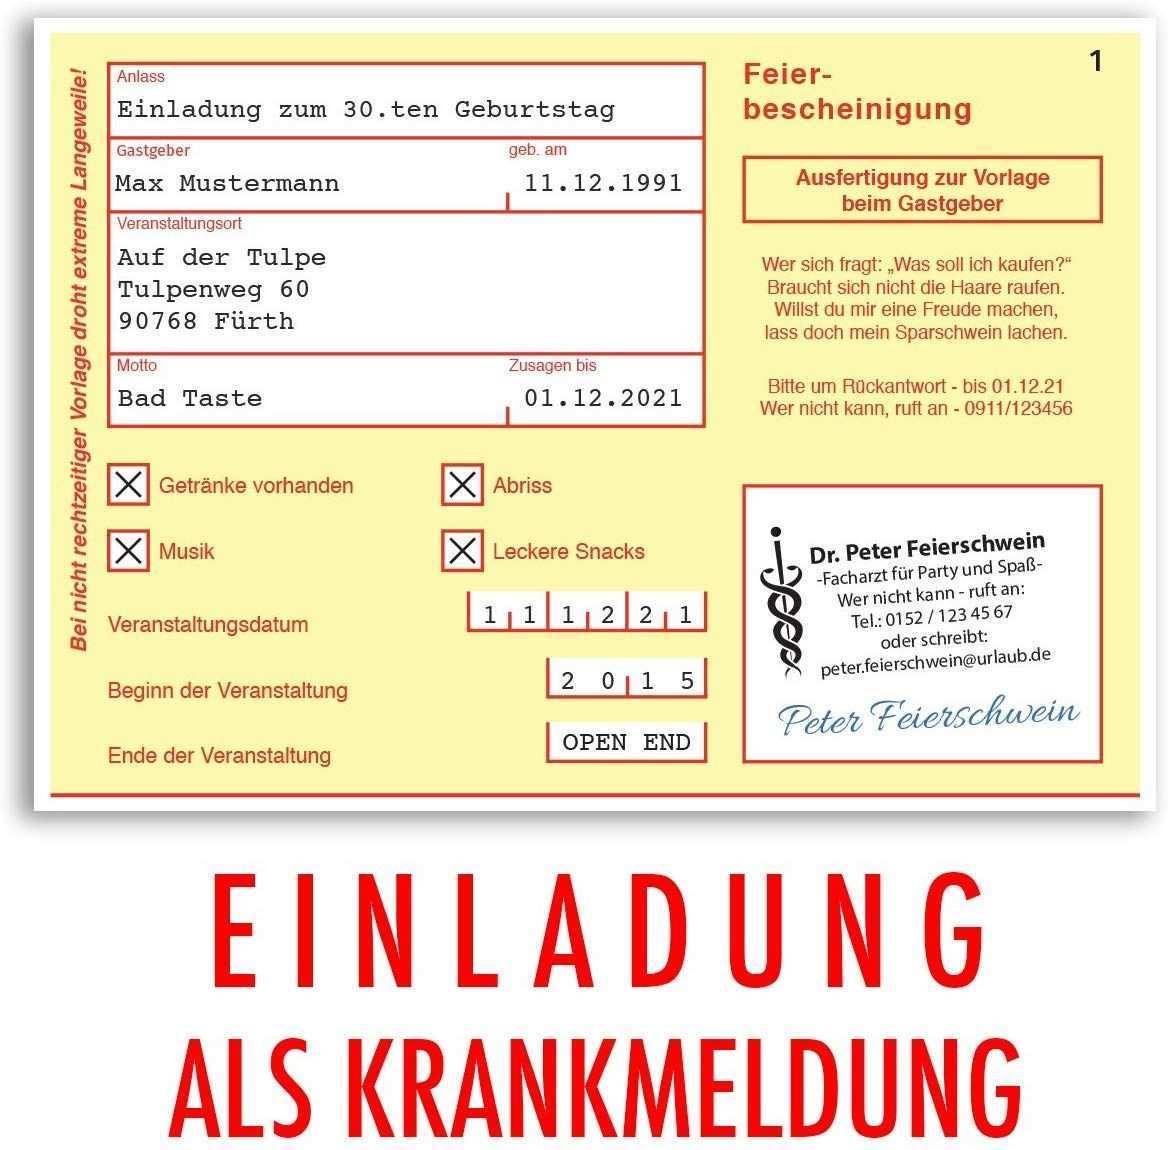 10 X Einladungskarten Geburtstag Krankschreibung Krankmeldung Arbeitsunfahigkeit Einladungen Amazon Einladungskarten Geburtstag Einladungen Einladungskarten